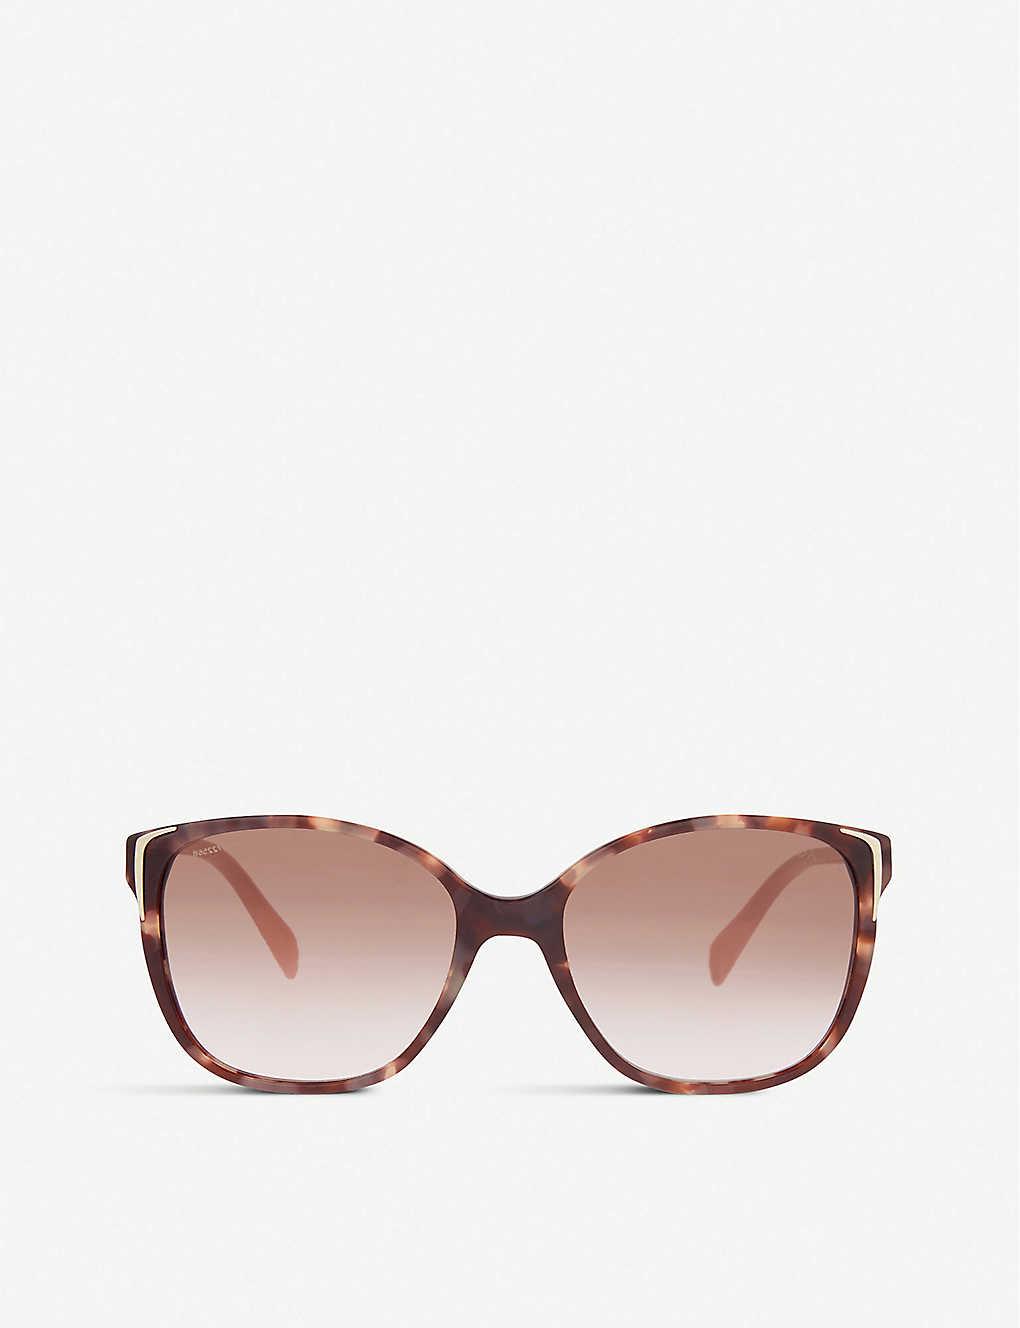 36d7581e274e PRADA - SPR010 square-frame sunglasses | Selfridges.com